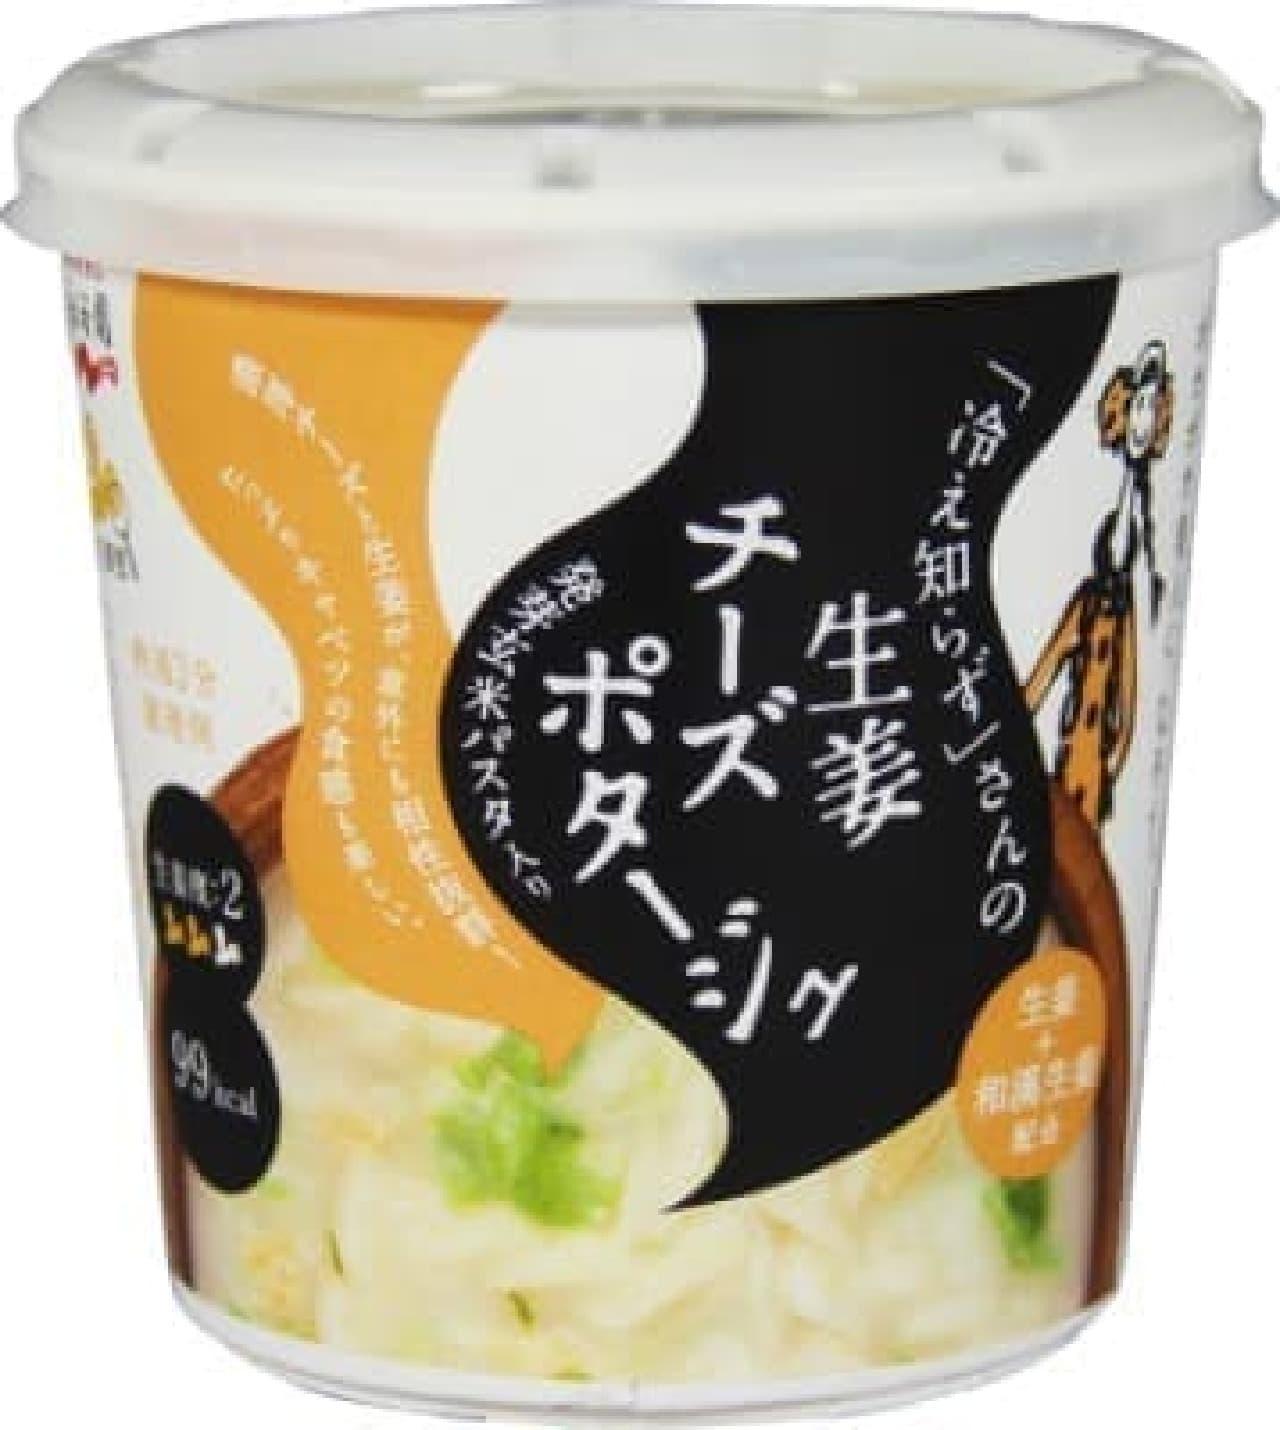 生姜と乳製品は相性バツグン